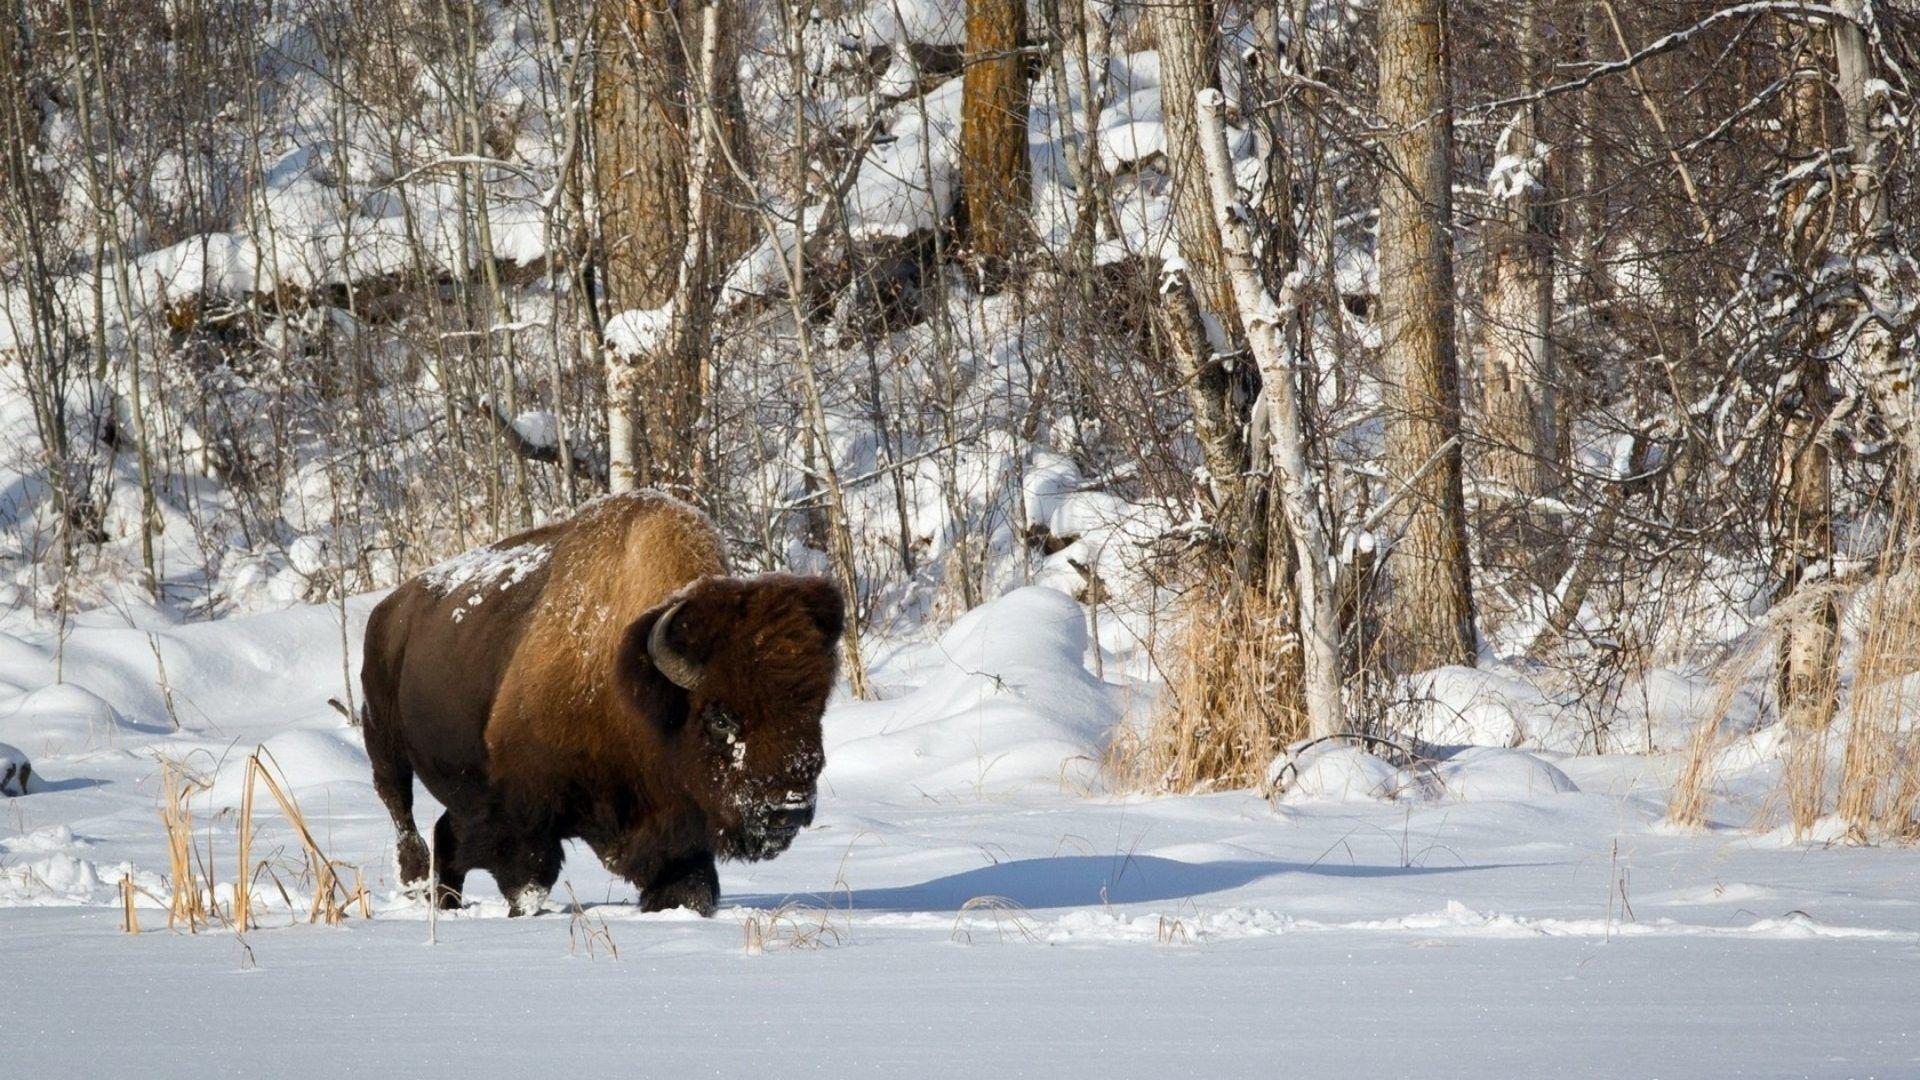 Okskiy Reserve Bison